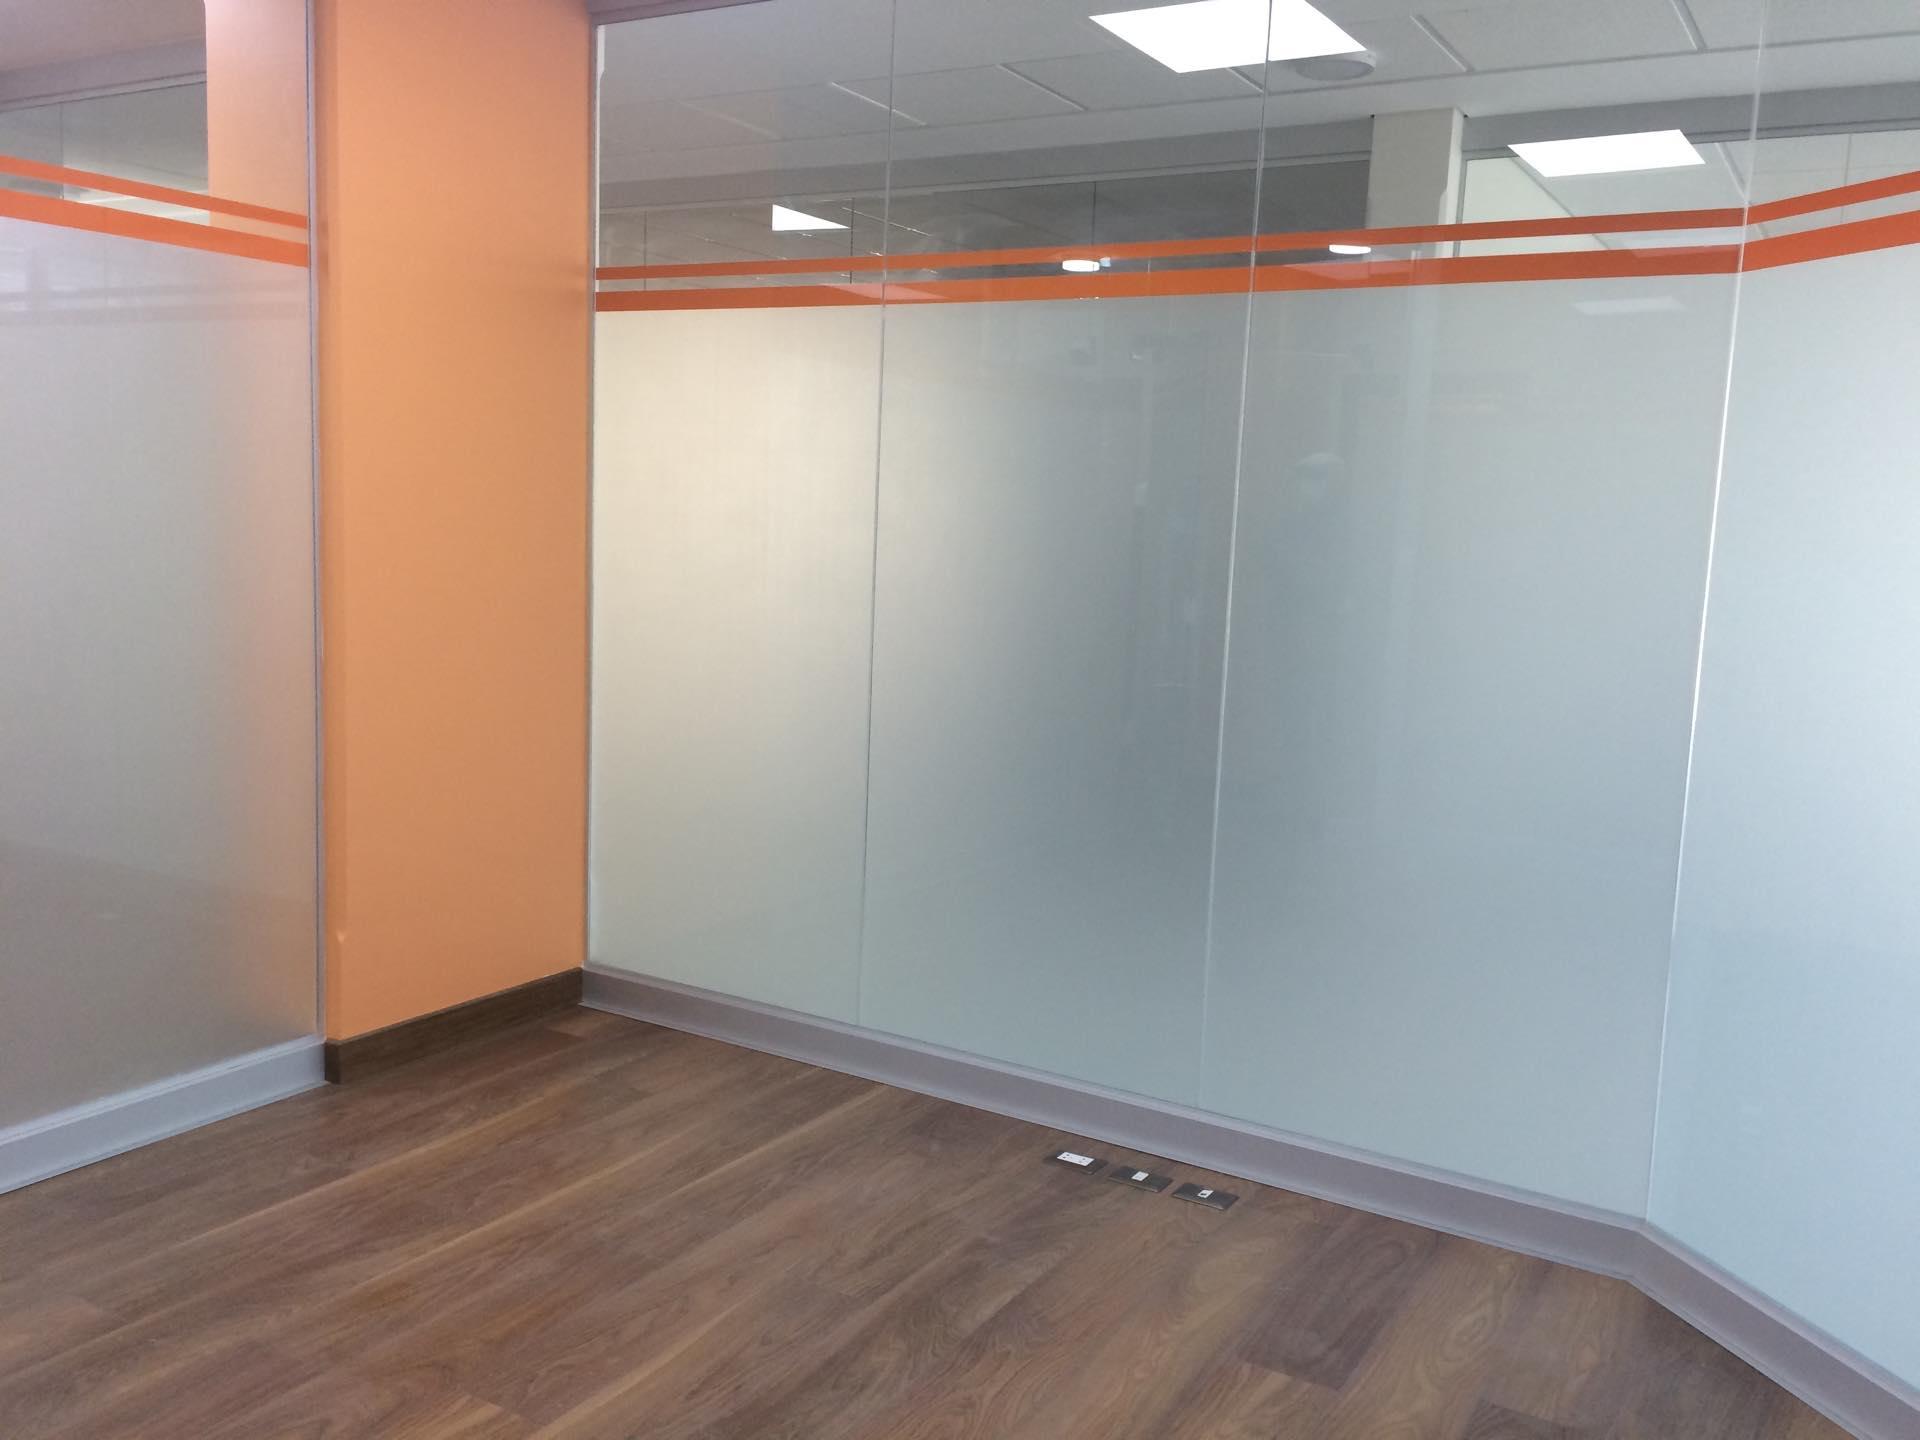 Oficina en Alquiler CALACOTO - OFICINA A ESTRENAR - 50M2 Foto 1